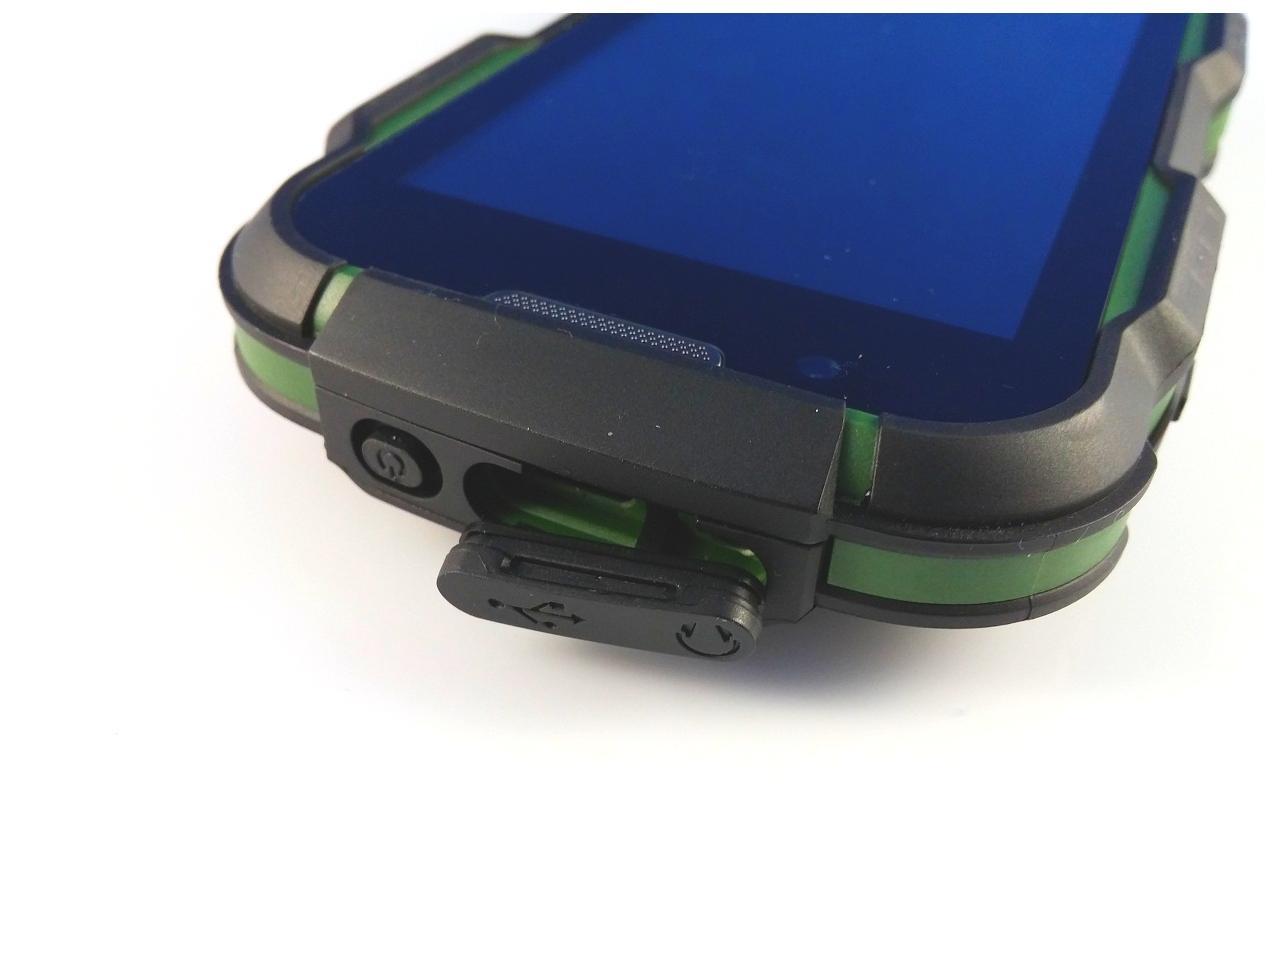 Unboxing UTOK Explorer 4, telefon rugged IP 68